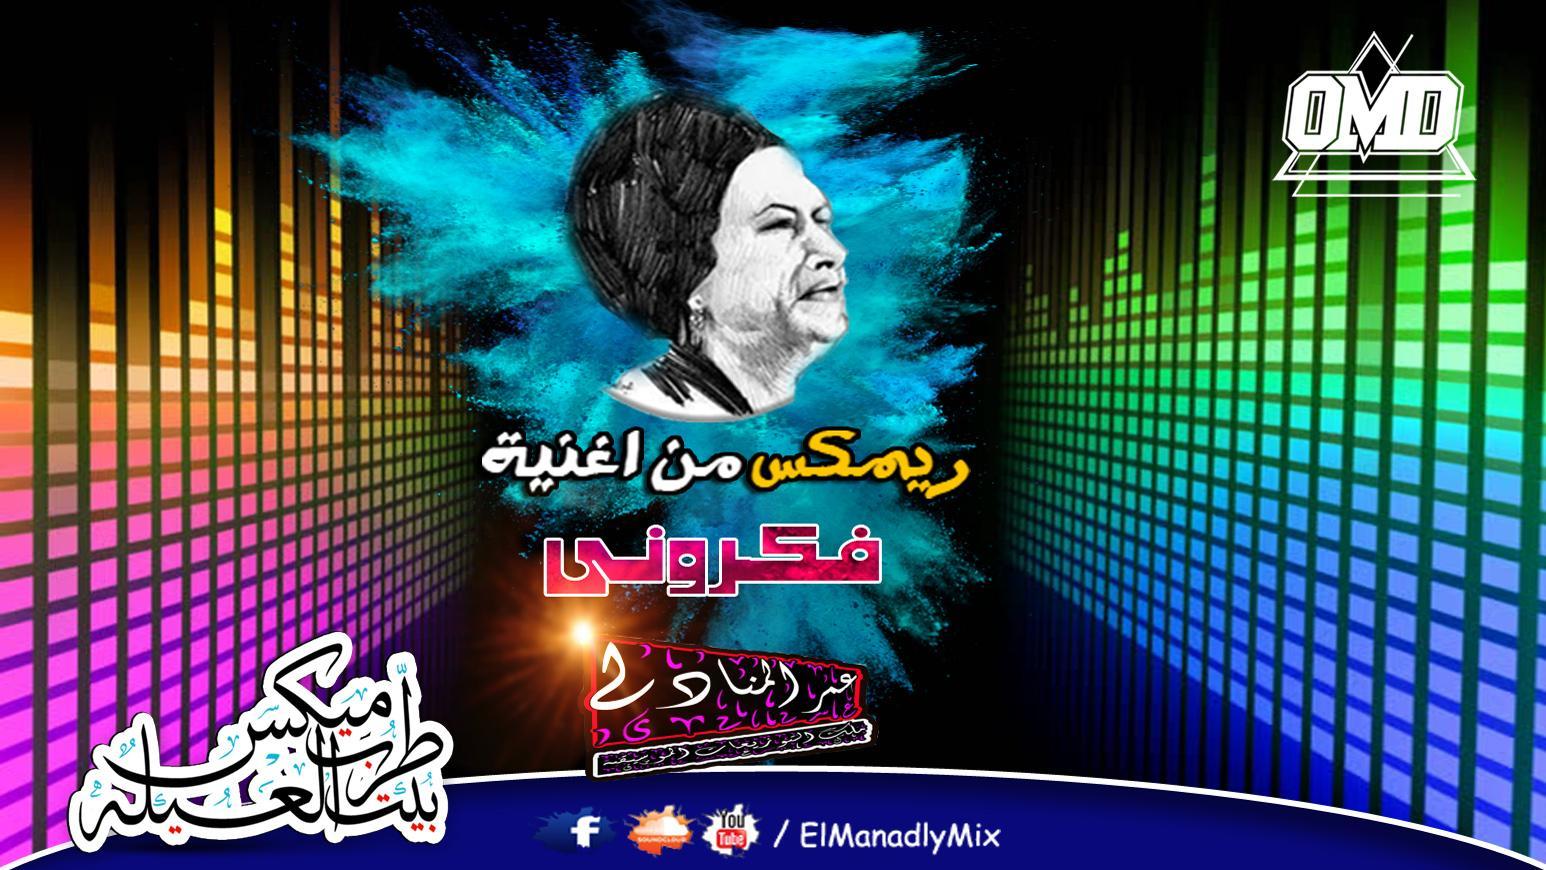 ميكس من اغنية فكرونى - ام كلثوم توزيع عمر المنادلى 2019